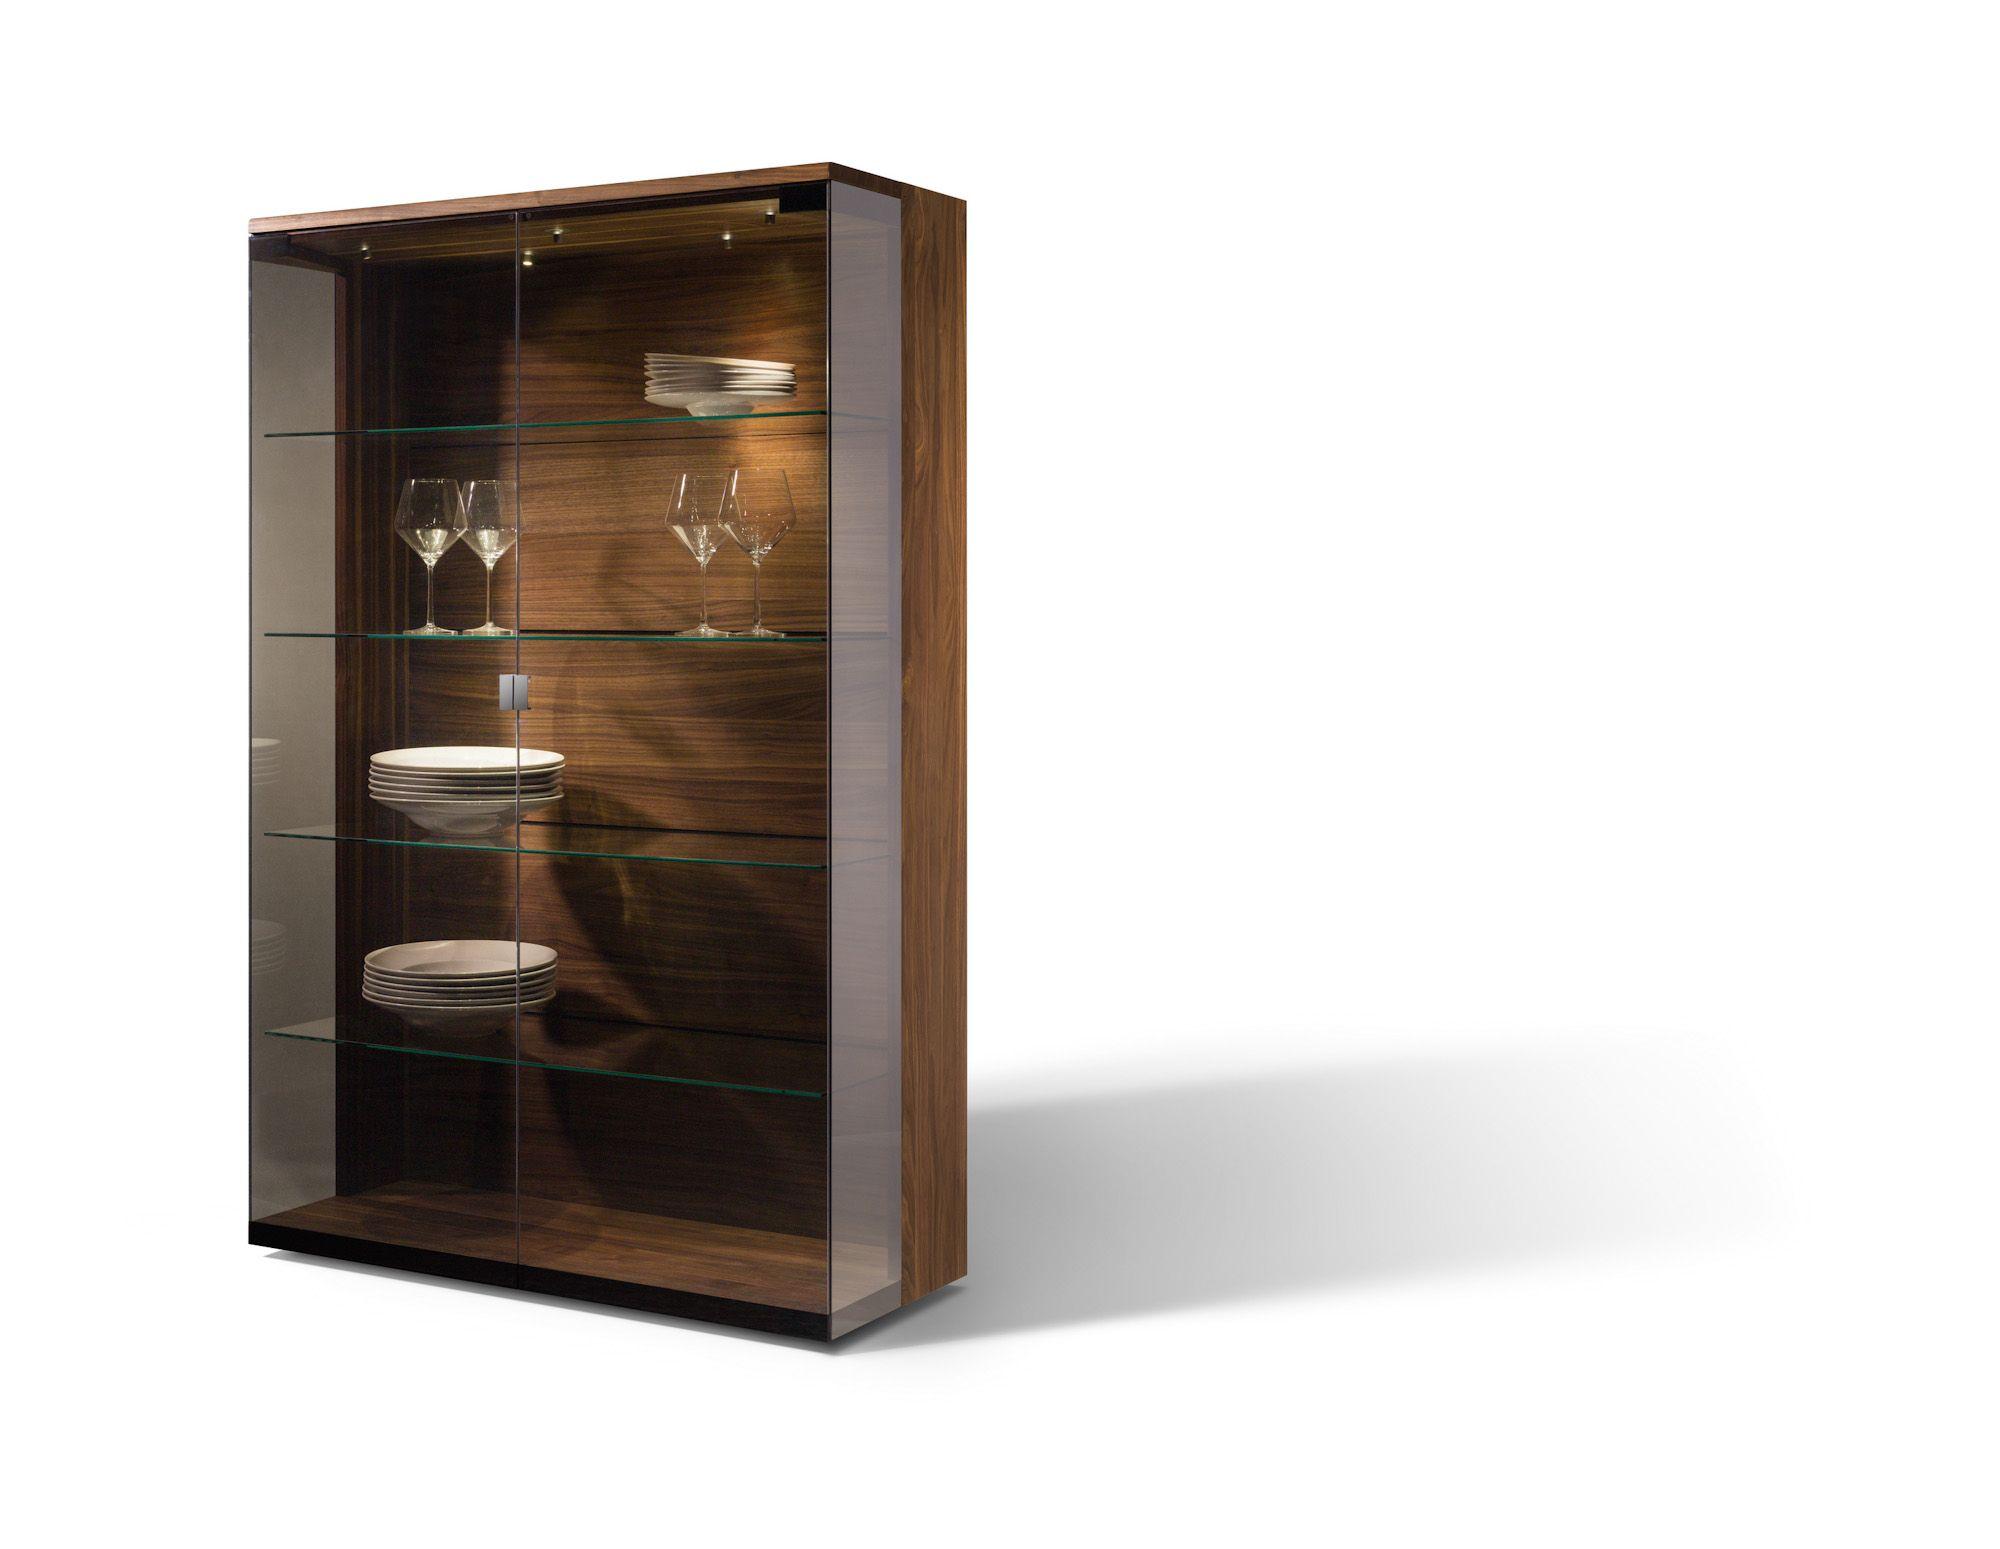 Vitrine | Nussbaum massiv | Holz | Glas - bei Möbel Morschett ...